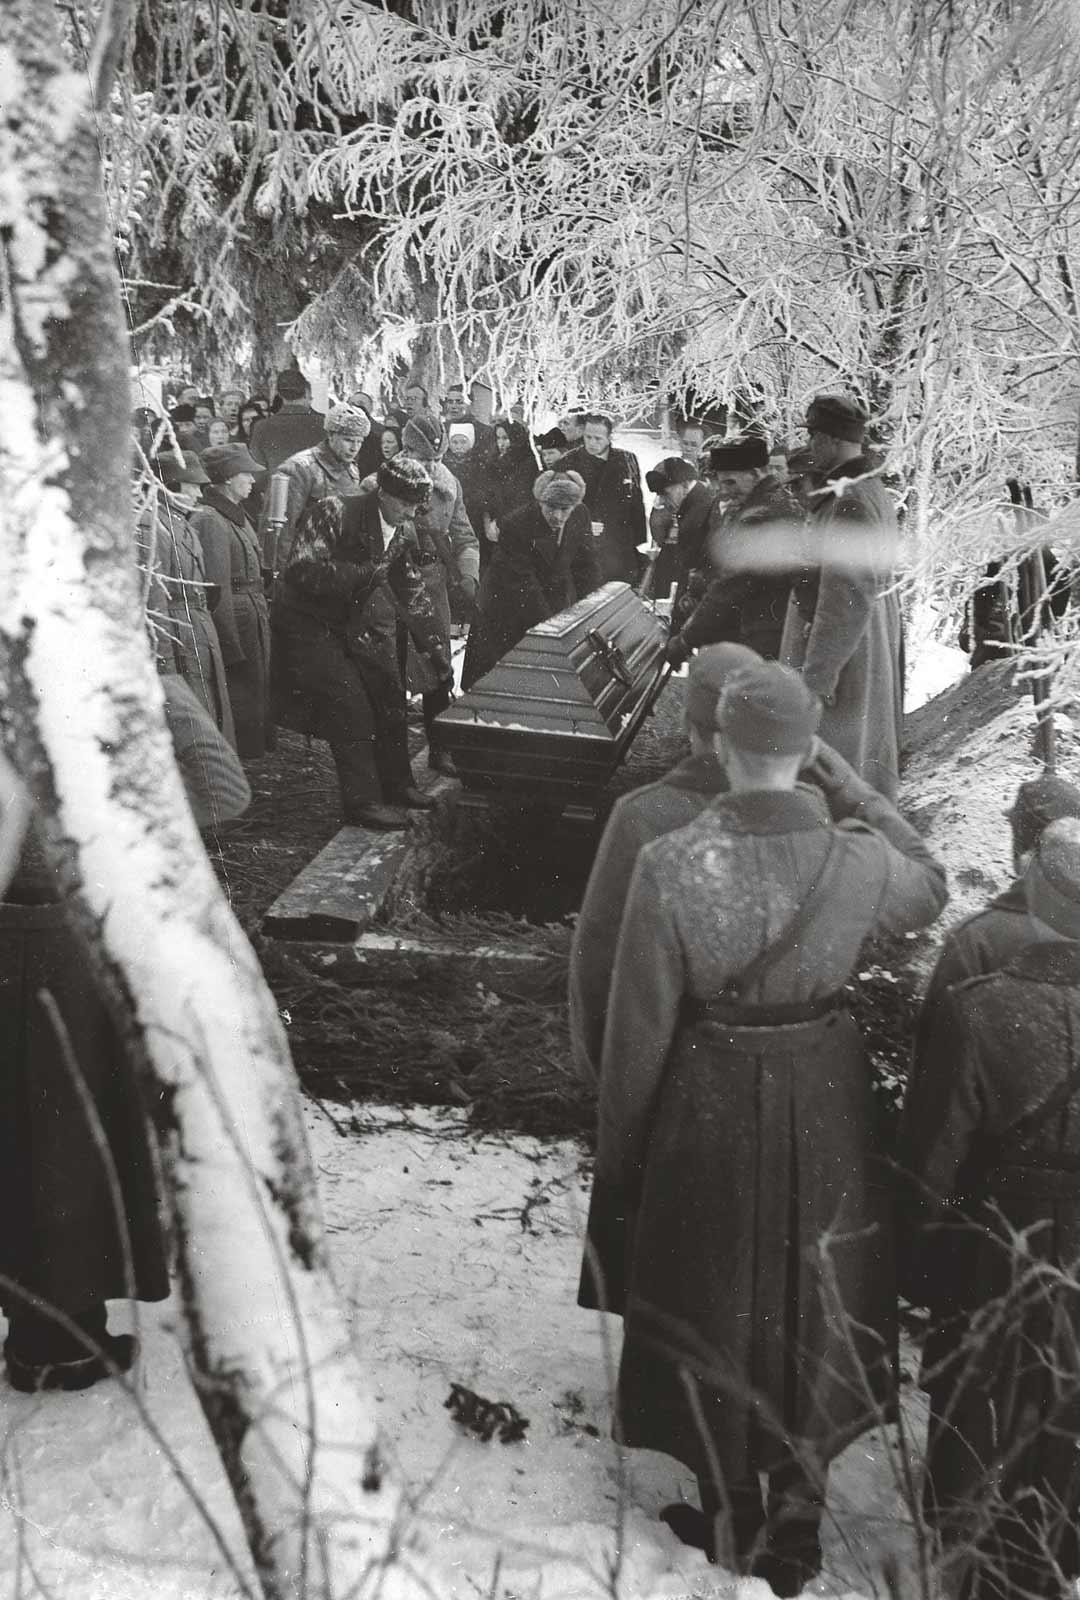 Presidentti Kyösti Kallio laskettiin haudan lepoon Nivalan kirkkomaalla. Arkun laskivat presidentin pojat Veikko ja Kalervo, kaksi vävyä, presidentin veli ja adjutantti, eversti Aladár Paasonen.